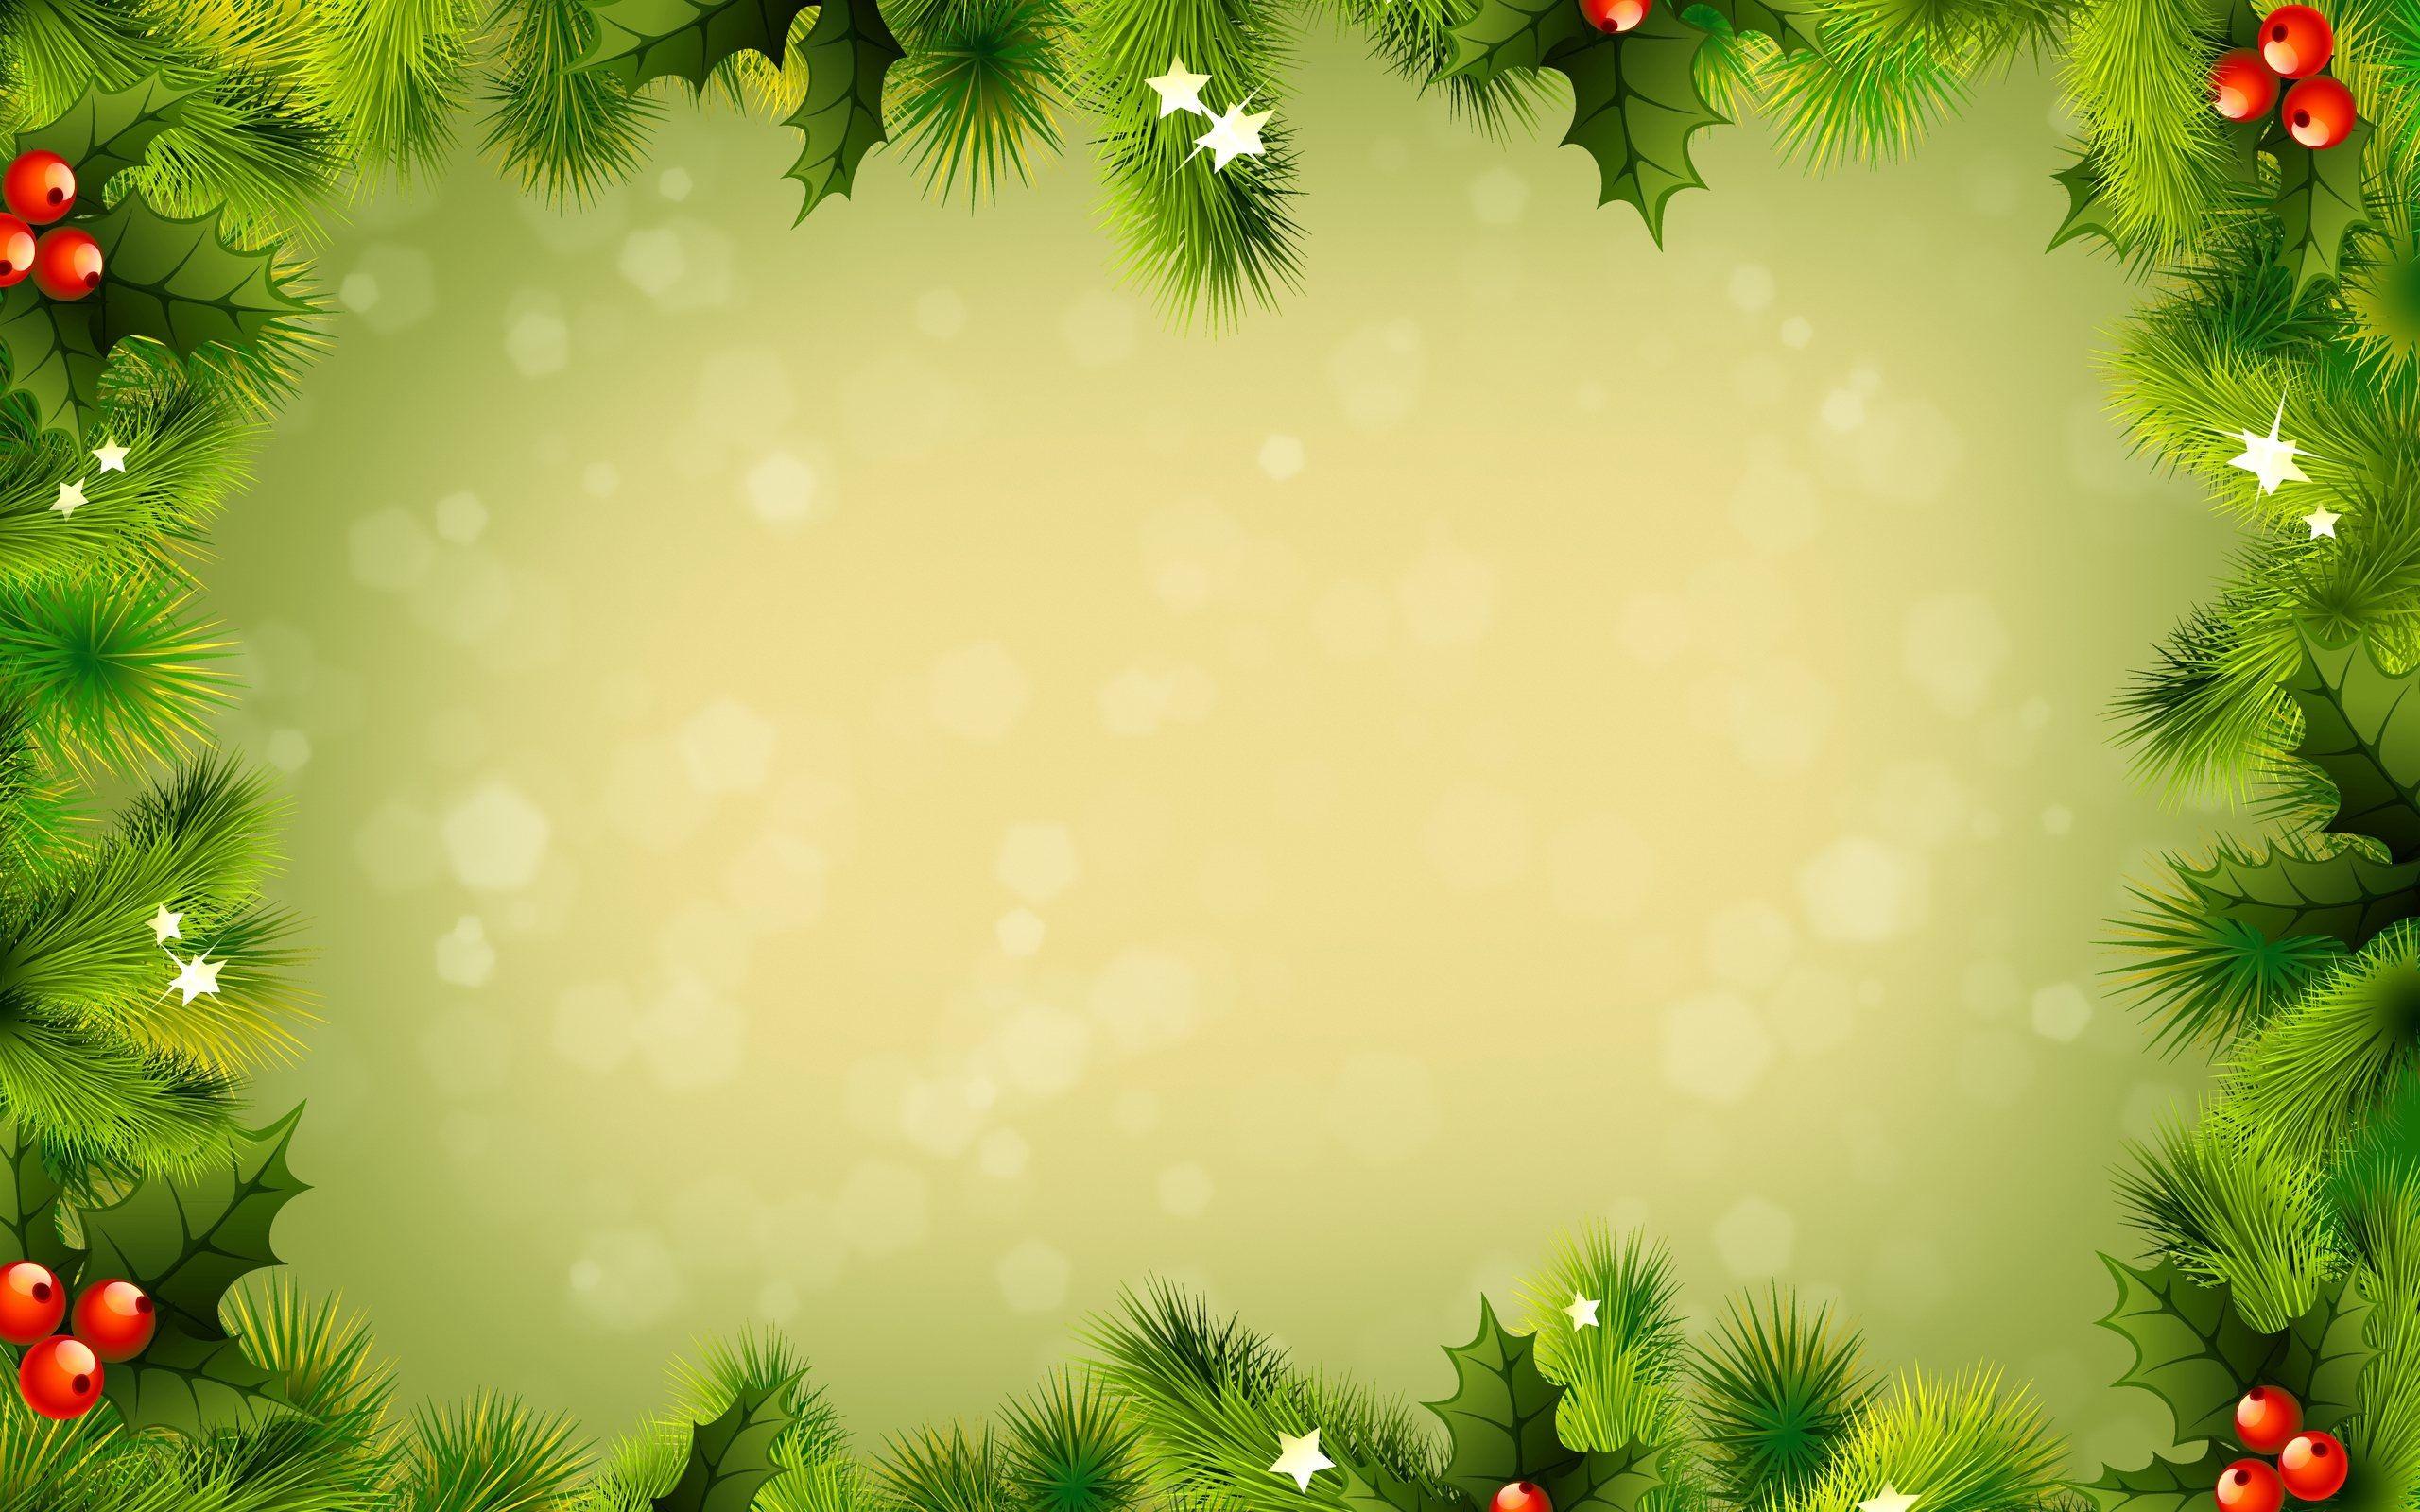 christmas background Free Large Images Christmas